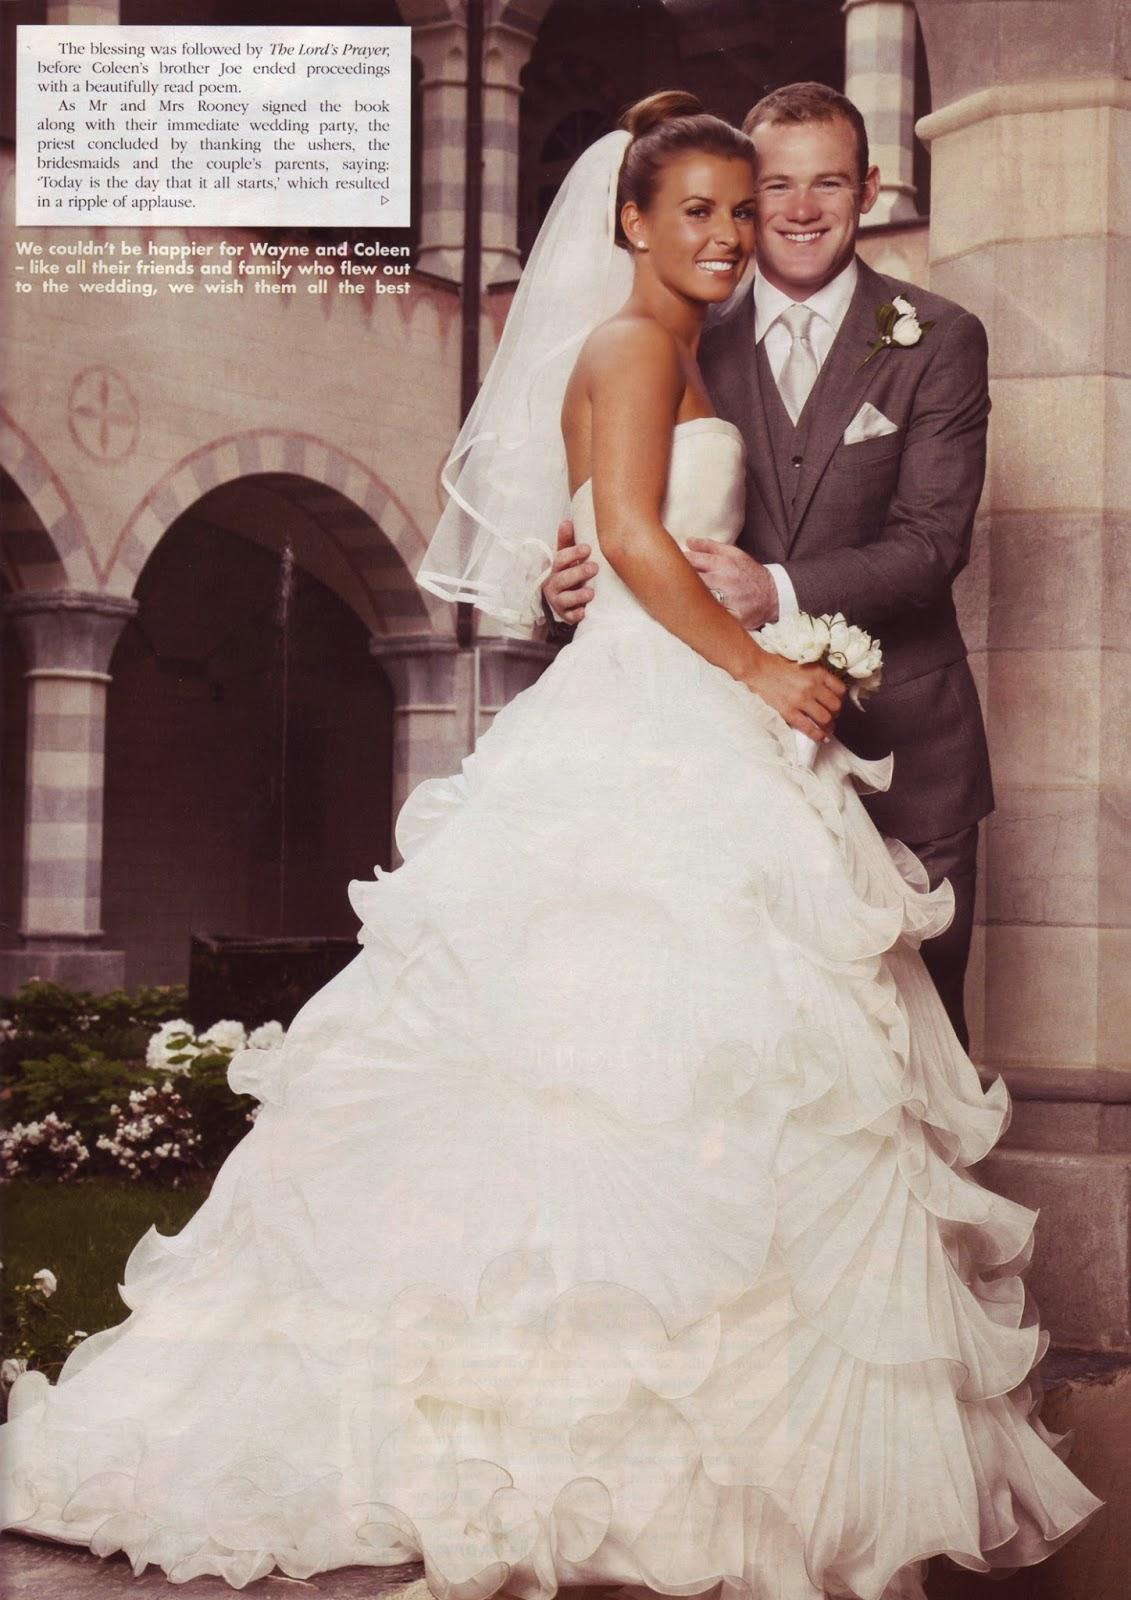 Sophie Kavanagh Style Blog: Best Celebrity Wedding Dresses